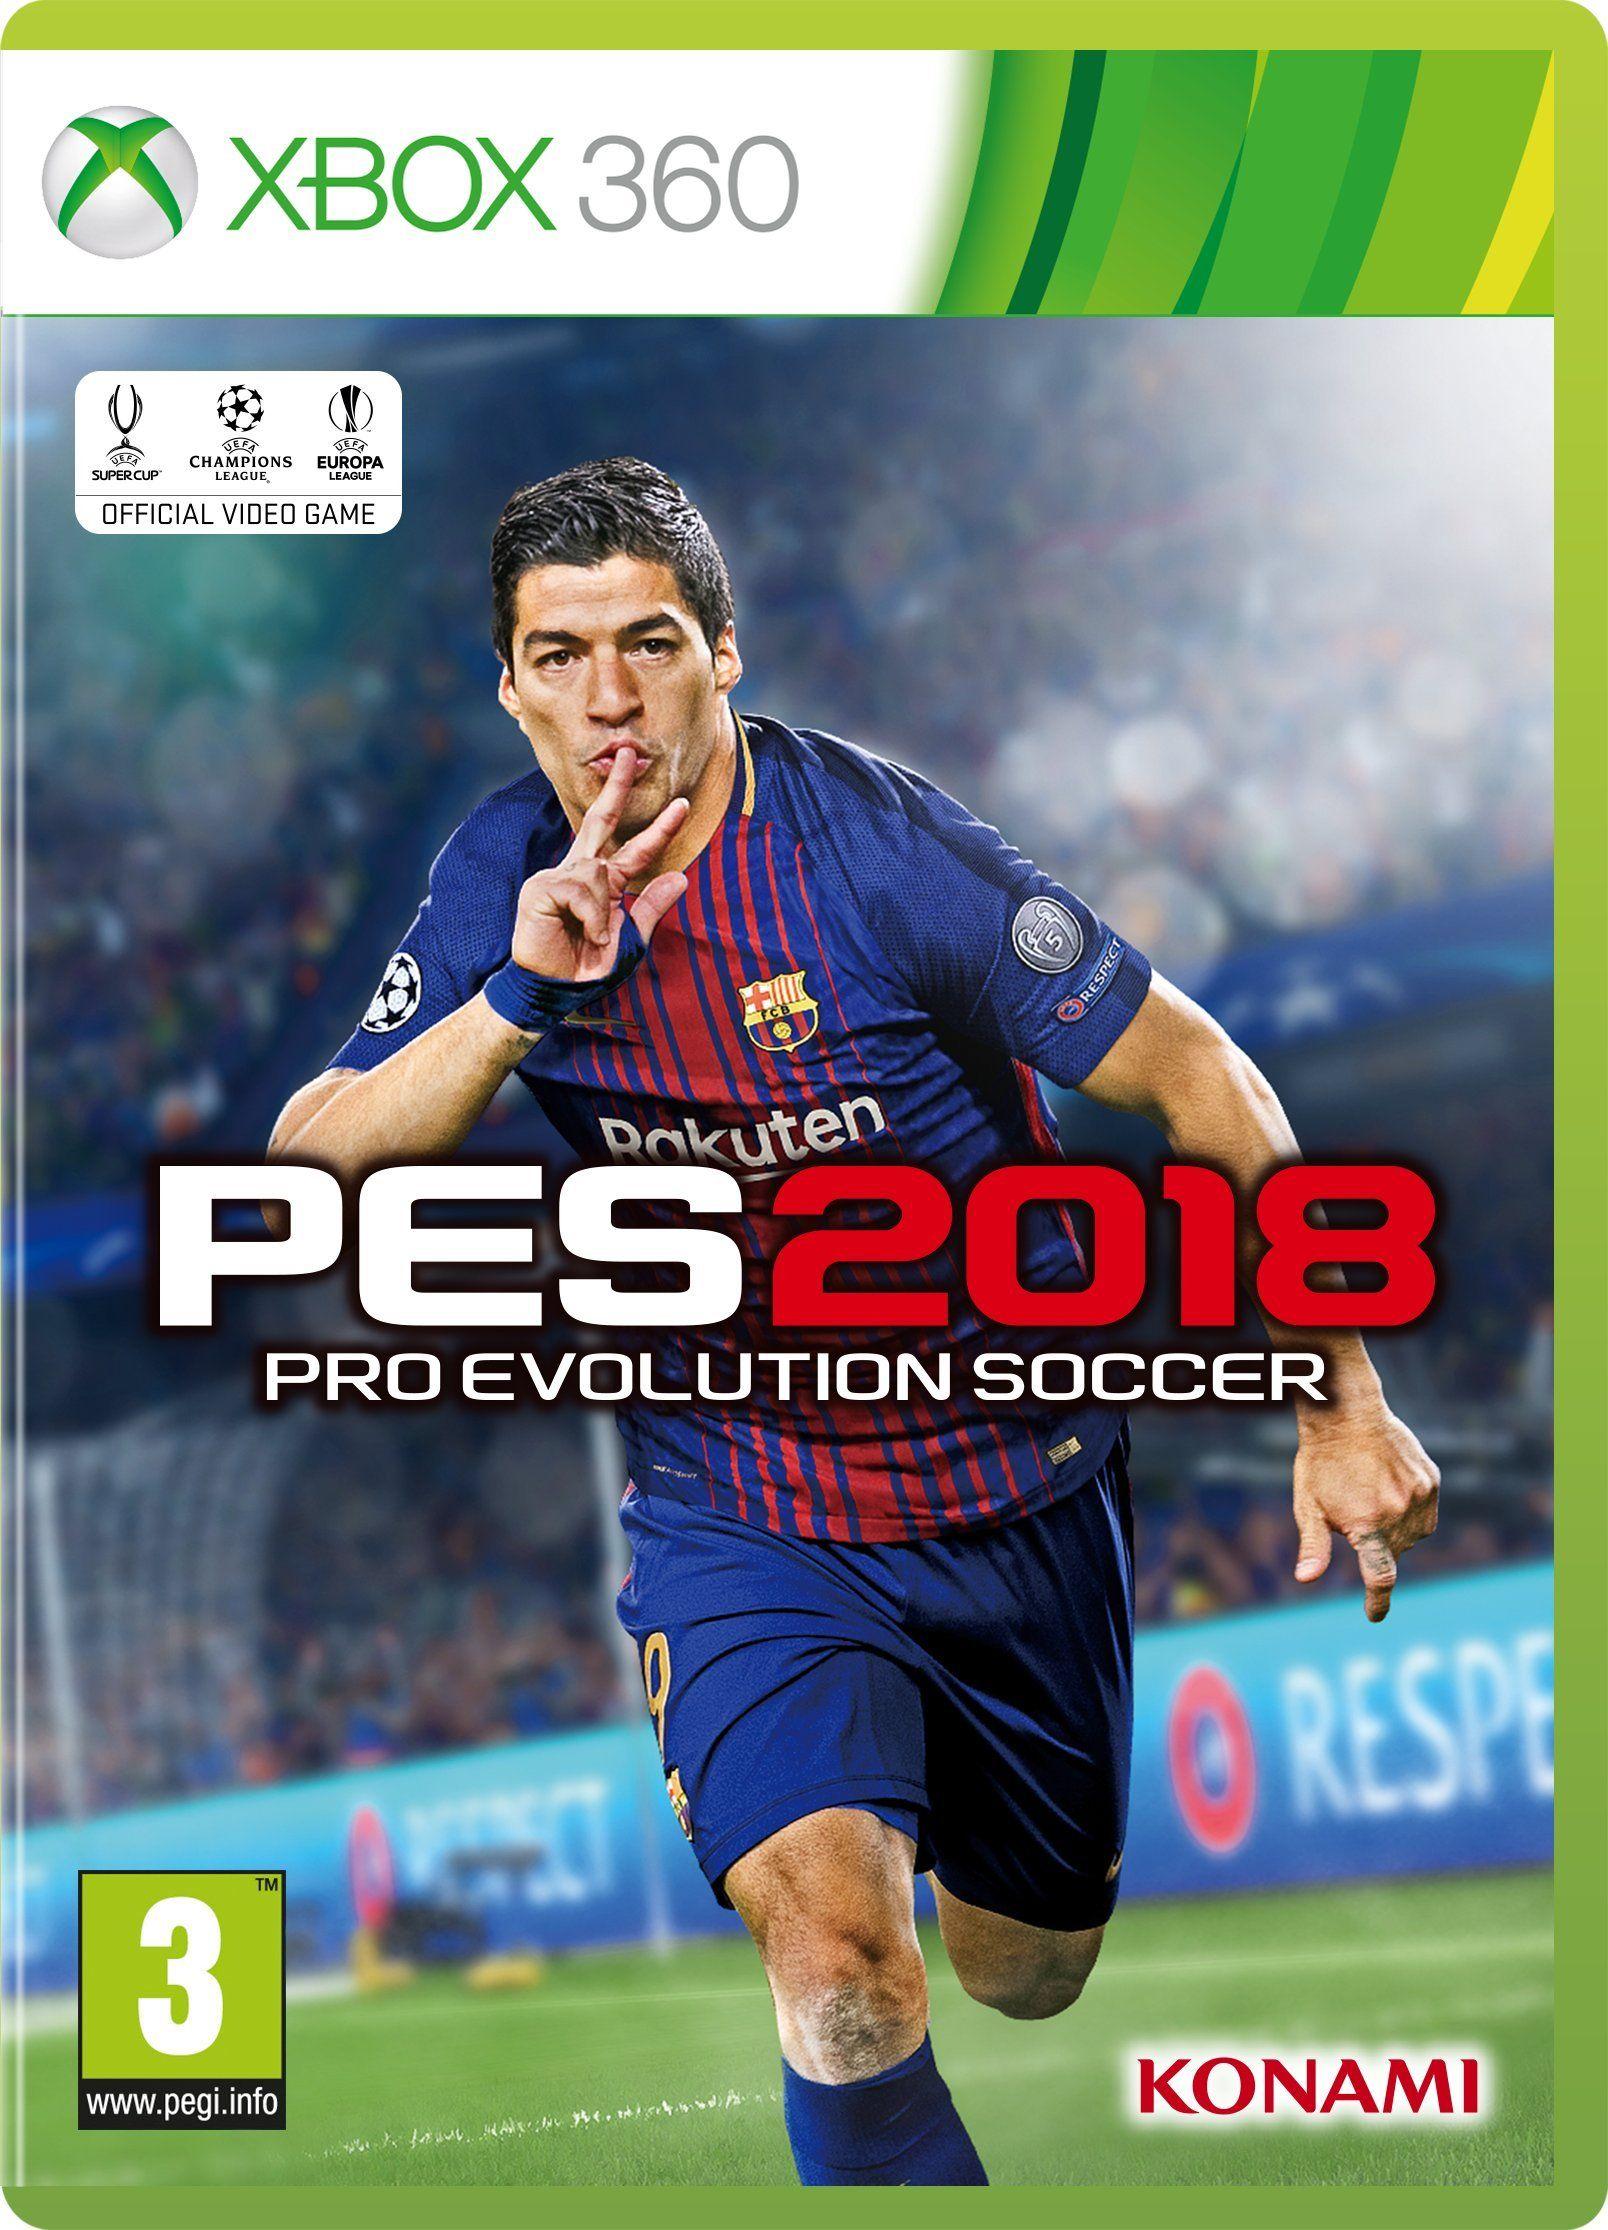 Pes 2018 Xbox 360 Pes Xbox Pro Evolution Soccer Evolution Soccer Soccer